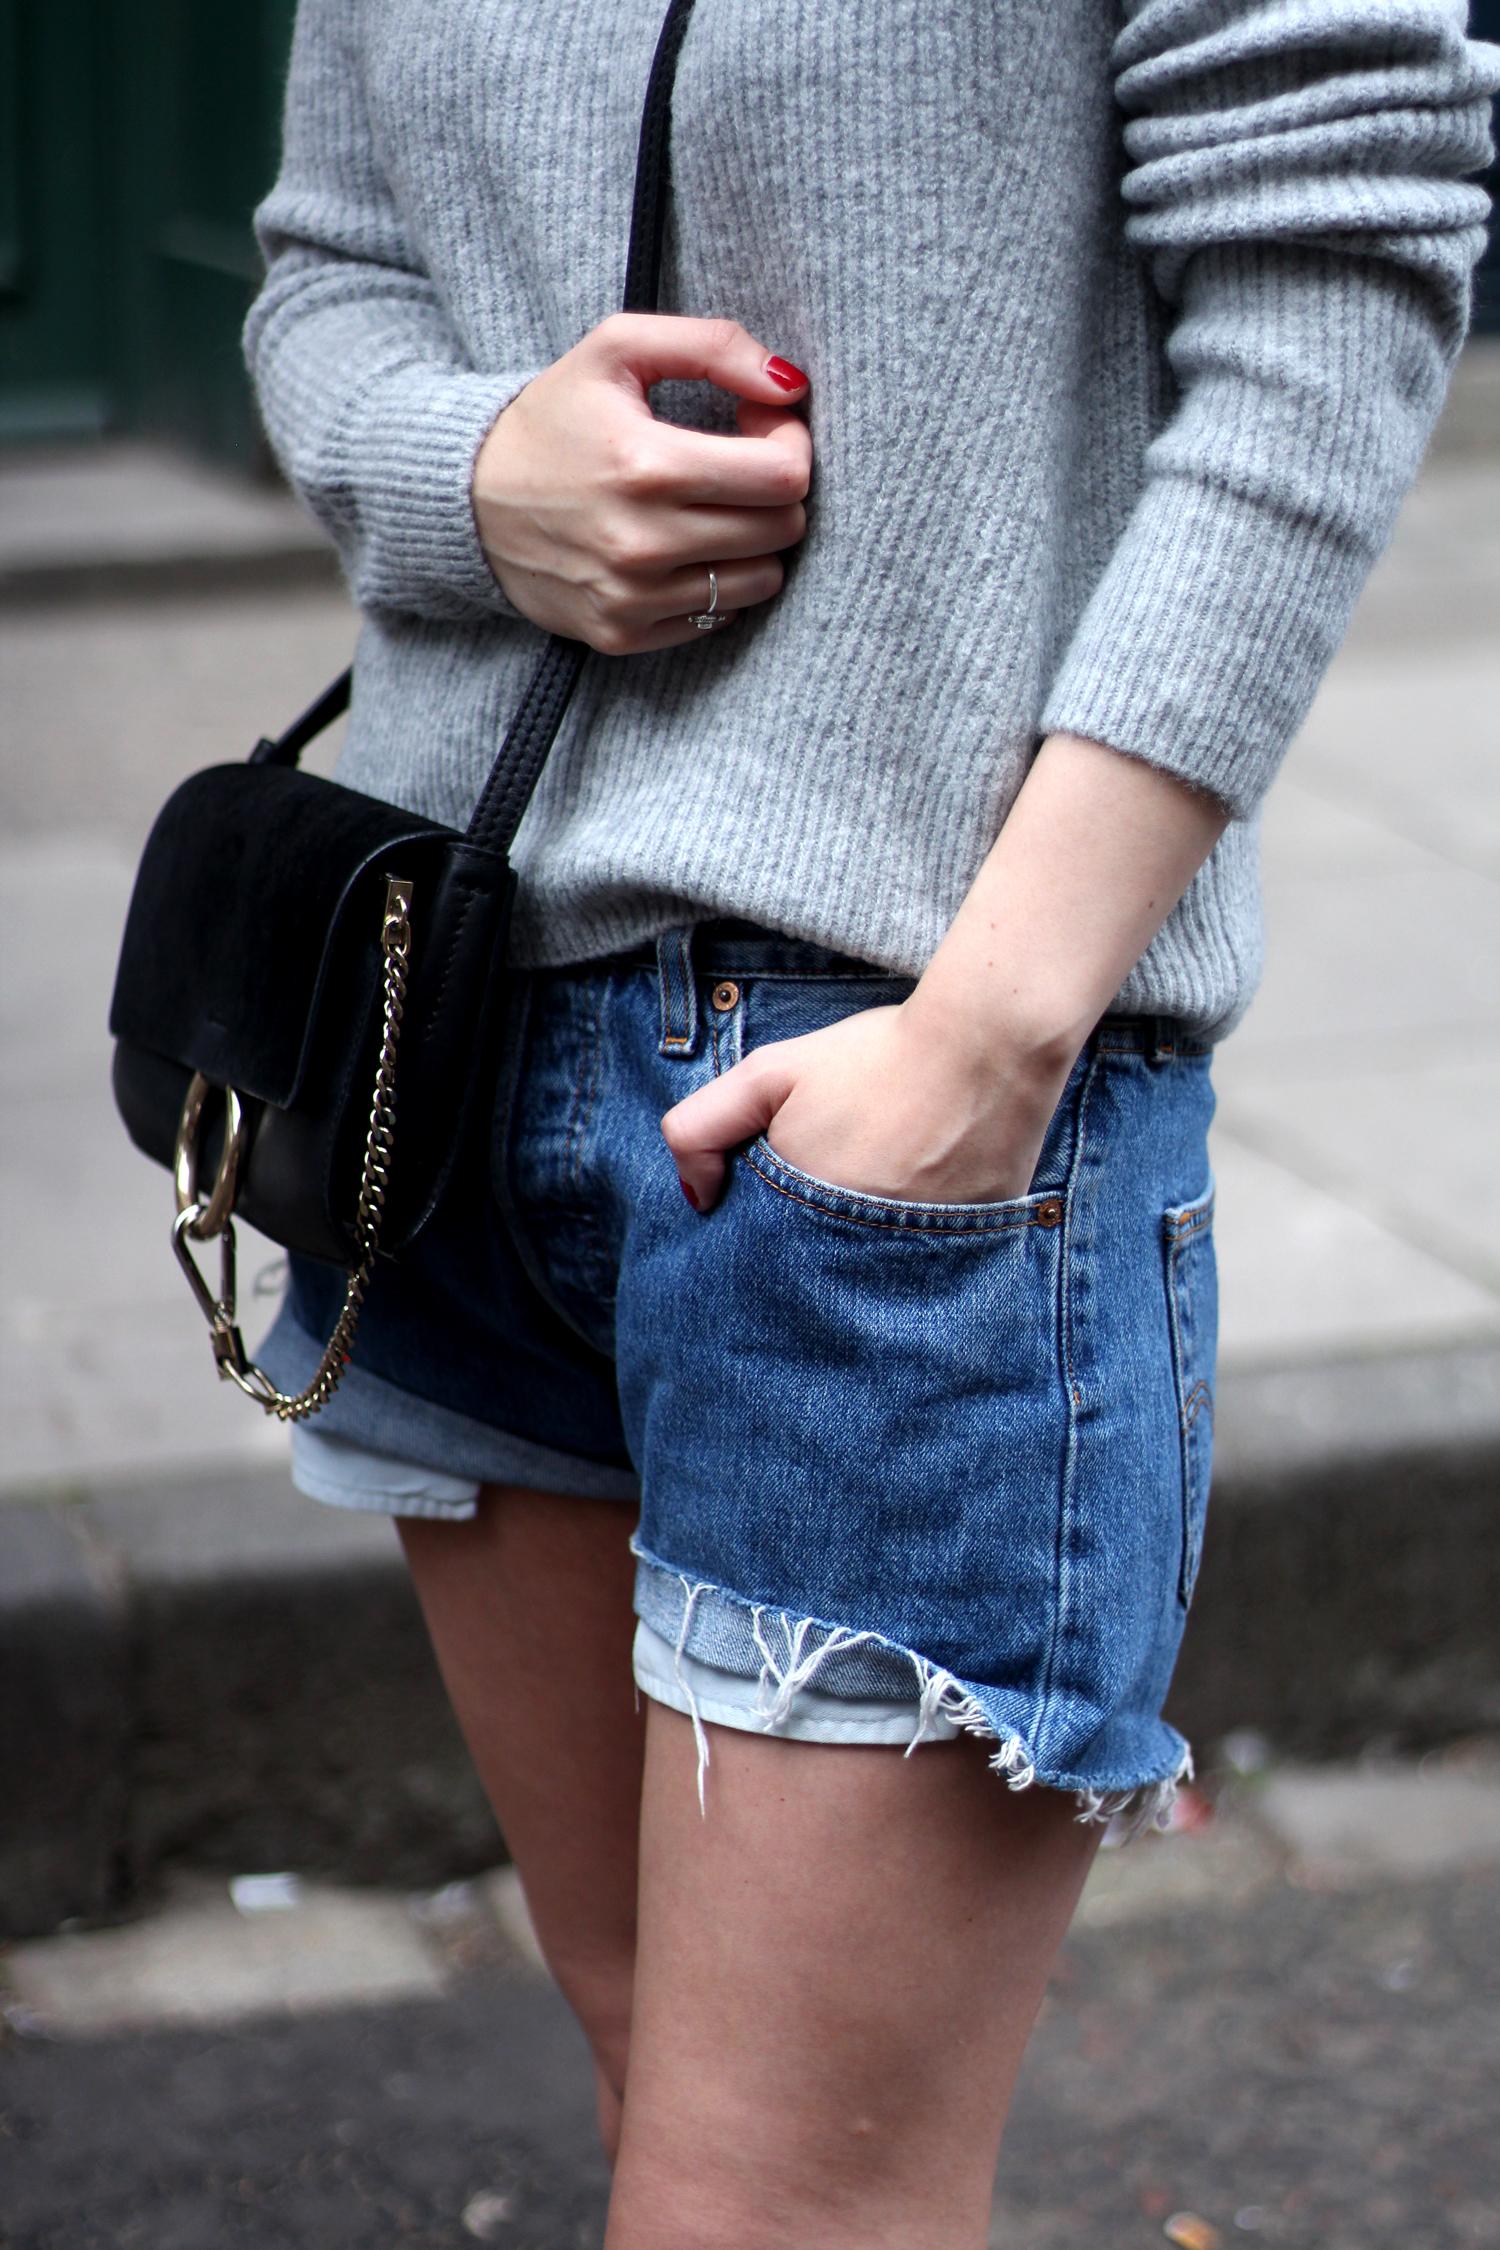 topshop-red-suede-chelsea-boots-grey-jumper-zara-white-blazer-18